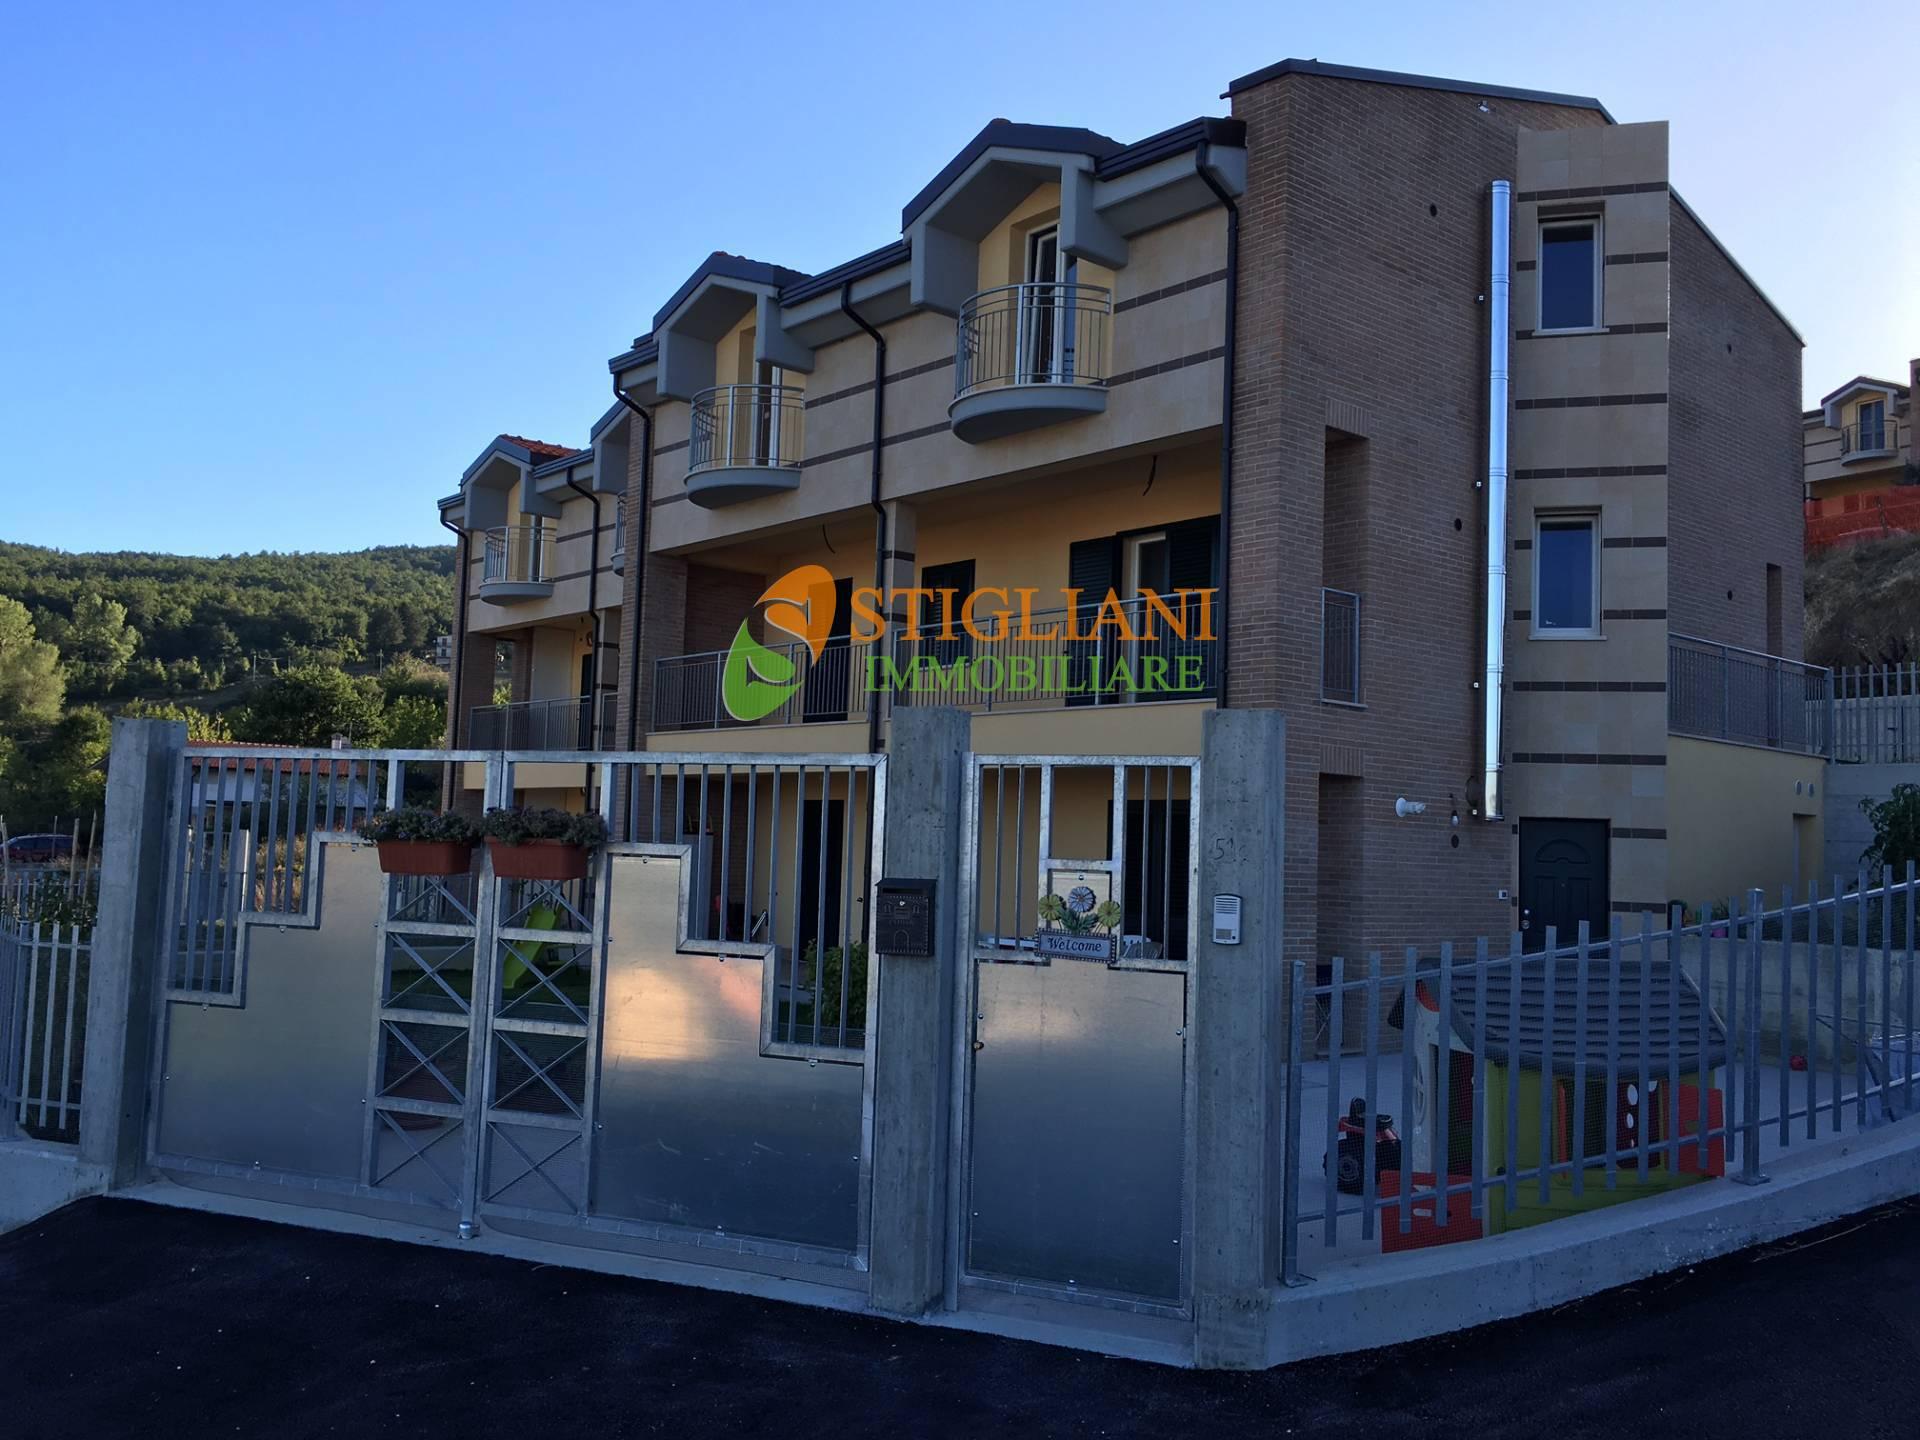 Appartamento in vendita a Campobasso, 4 locali, zona Località: ContradaColleLongo, prezzo € 149.000 | CambioCasa.it